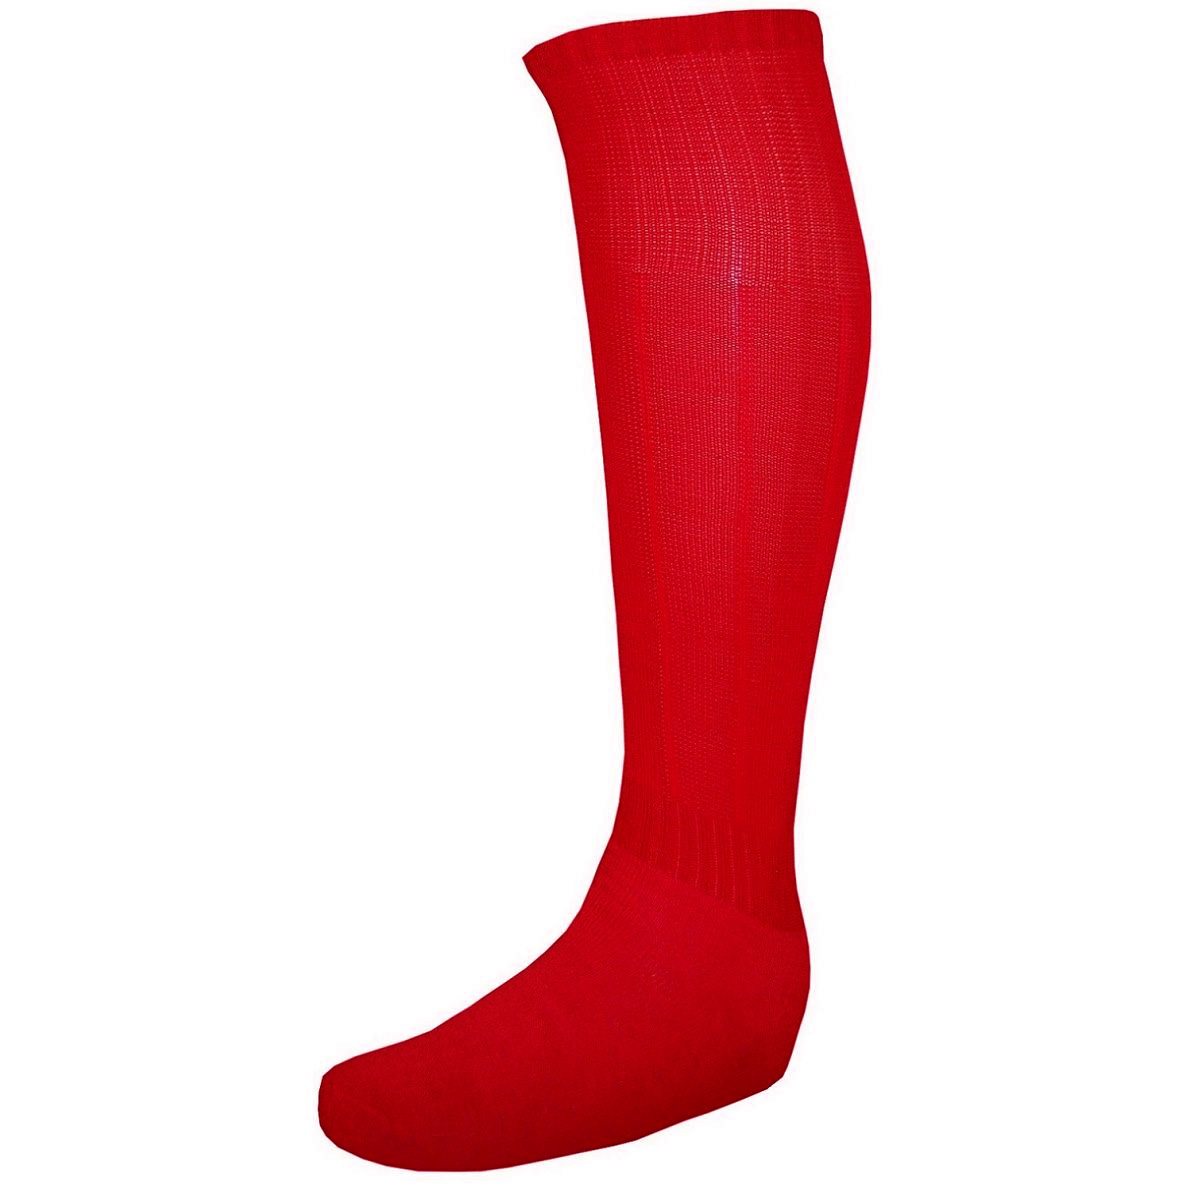 Uniforme Esportivo Completo modelo Sporting 14+1 (14 camisas Branco/Vermelho + 14 calções Madrid Branco + 14 pares de meiões Vermelhos + 1 conjunto de goleiro) + Brindes